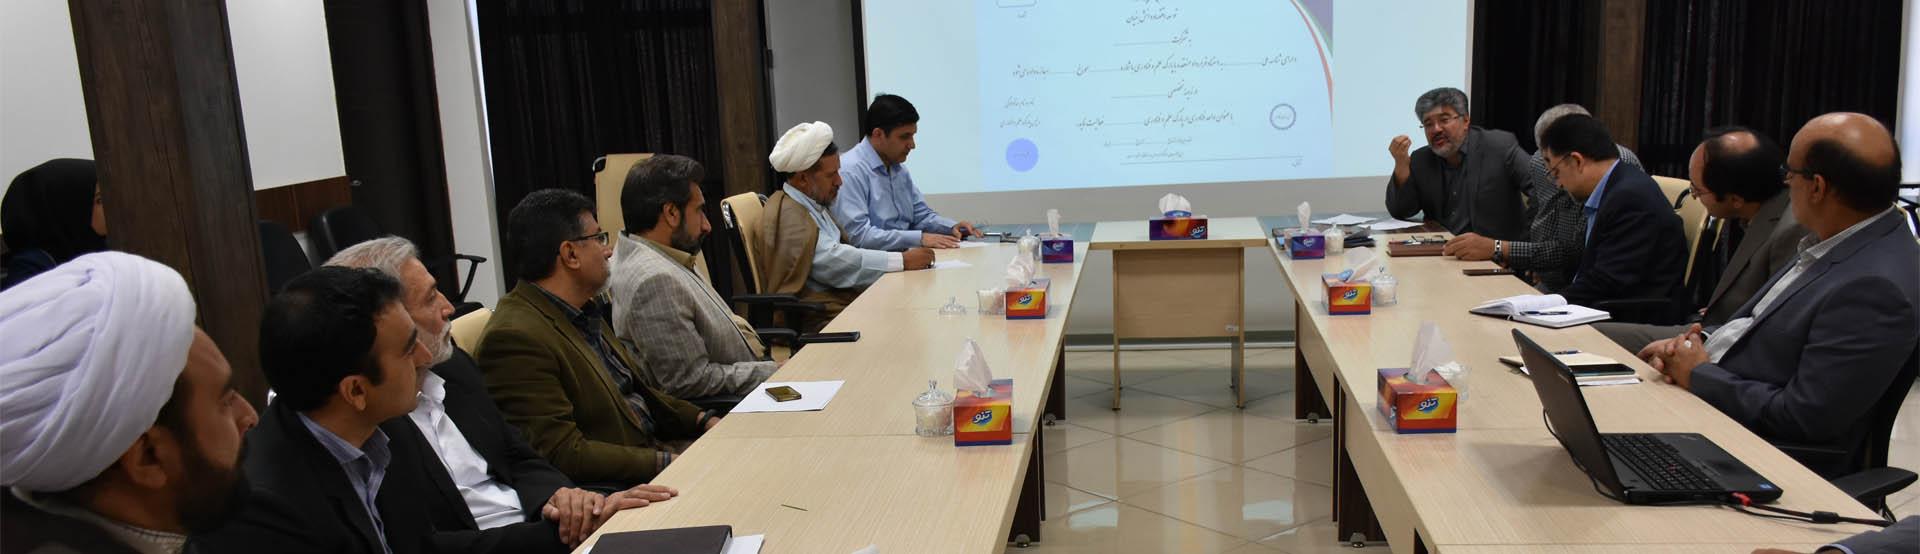 همکاری دو دانشگاه بیرجند و صنعتی با پارک علم و فناوری استان